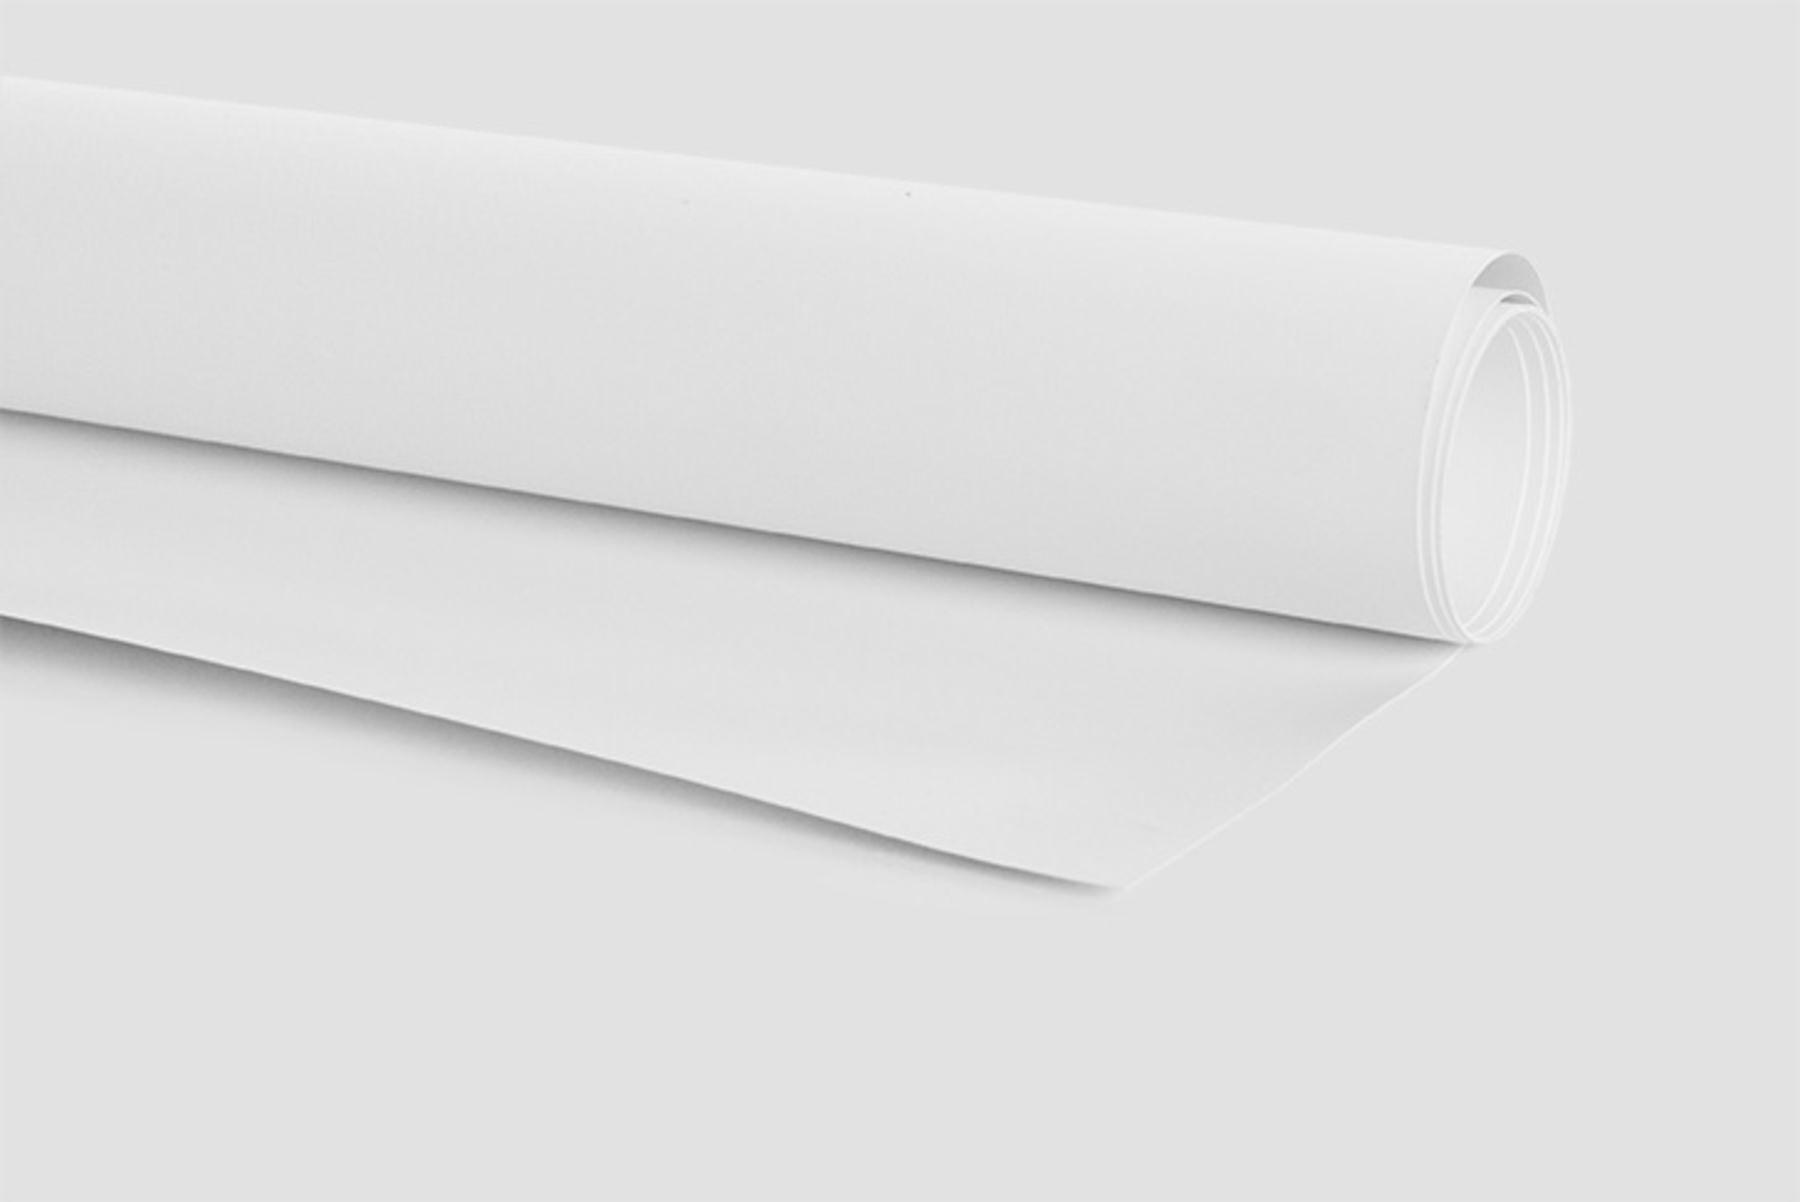 Fondo de vinilo blanco para lastolite cubelite de 90cm lavable for Vinilo blanco pared